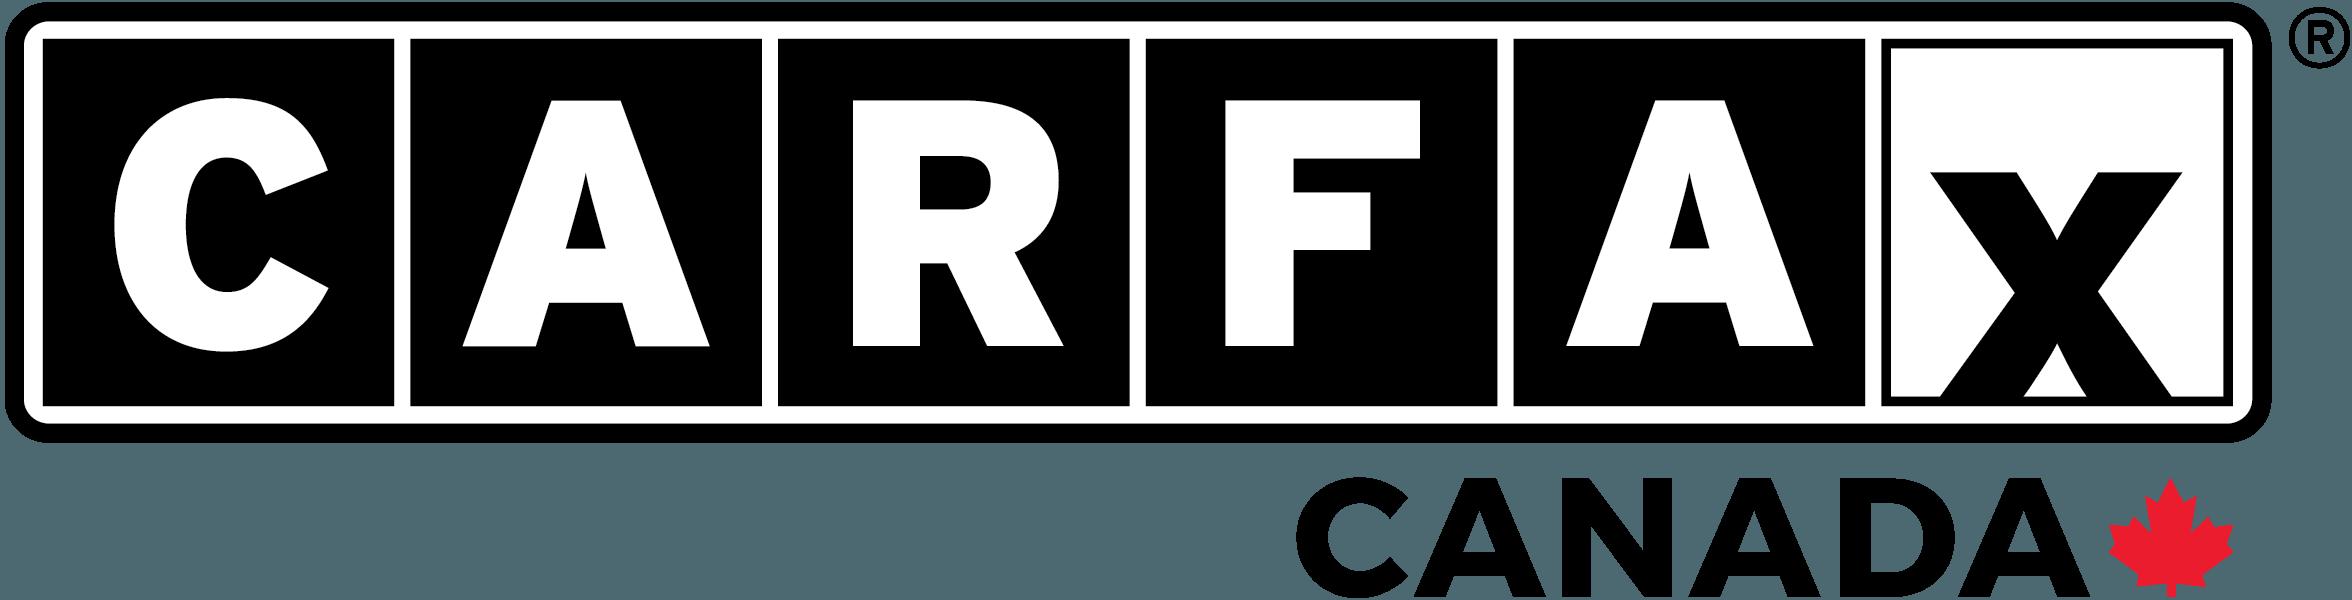 CarfaxCanada-3colour_EN_lrg